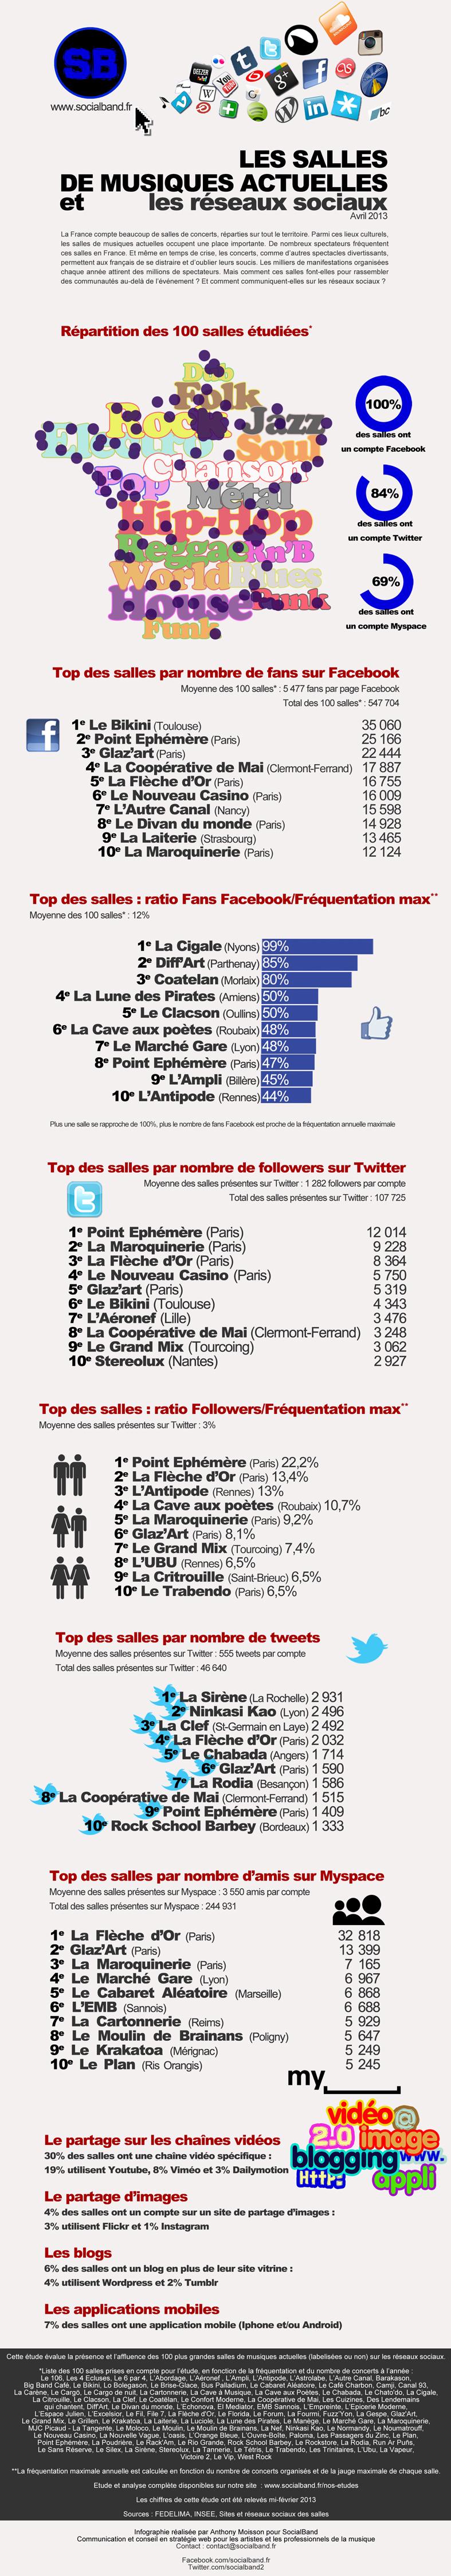 infographie_salles_et_reseaux_sociaux_avril2013_mini